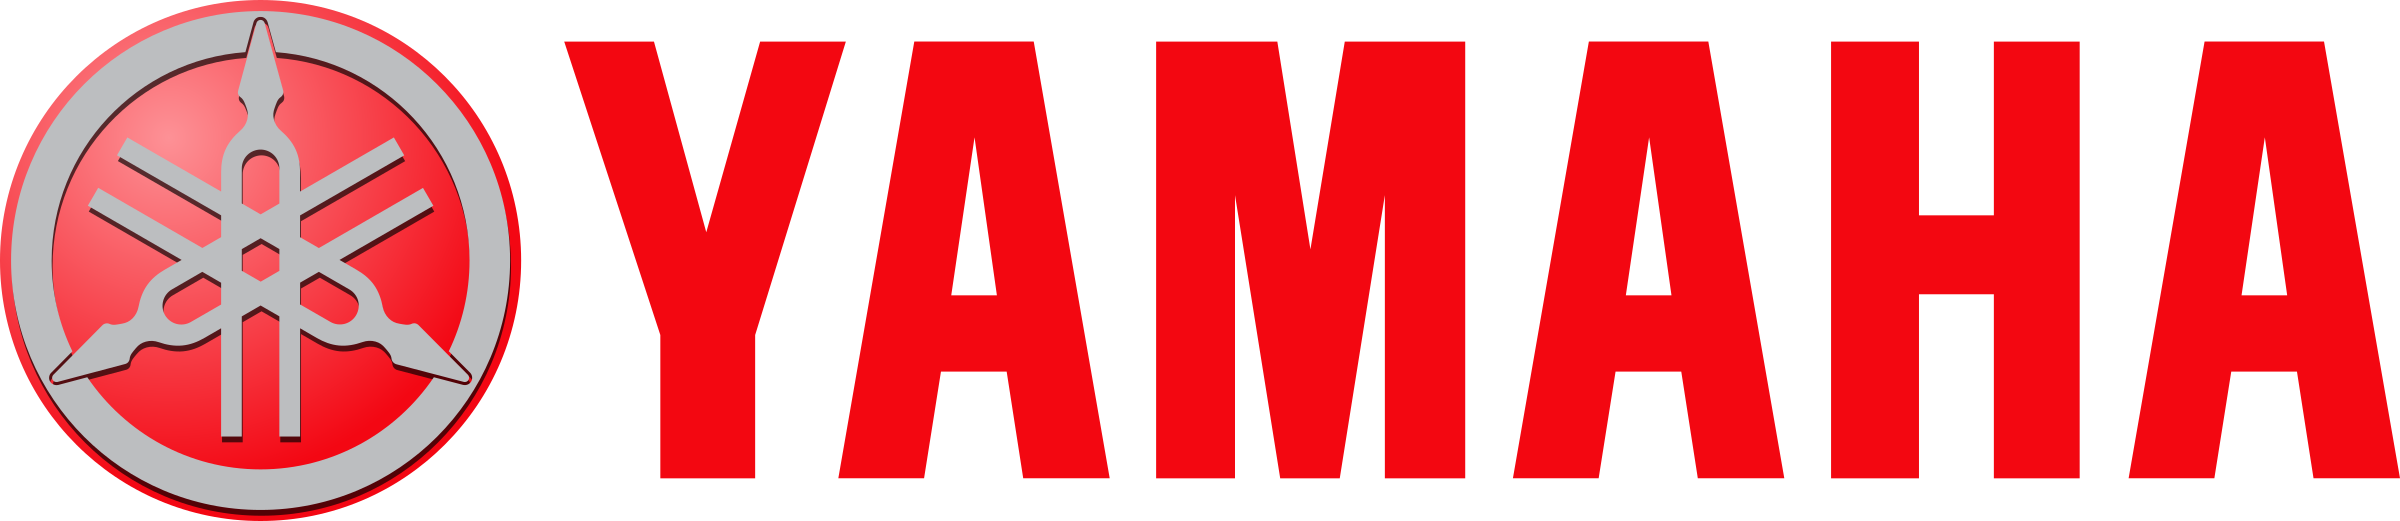 picture transparent Yamaha Logo PNG Transparent